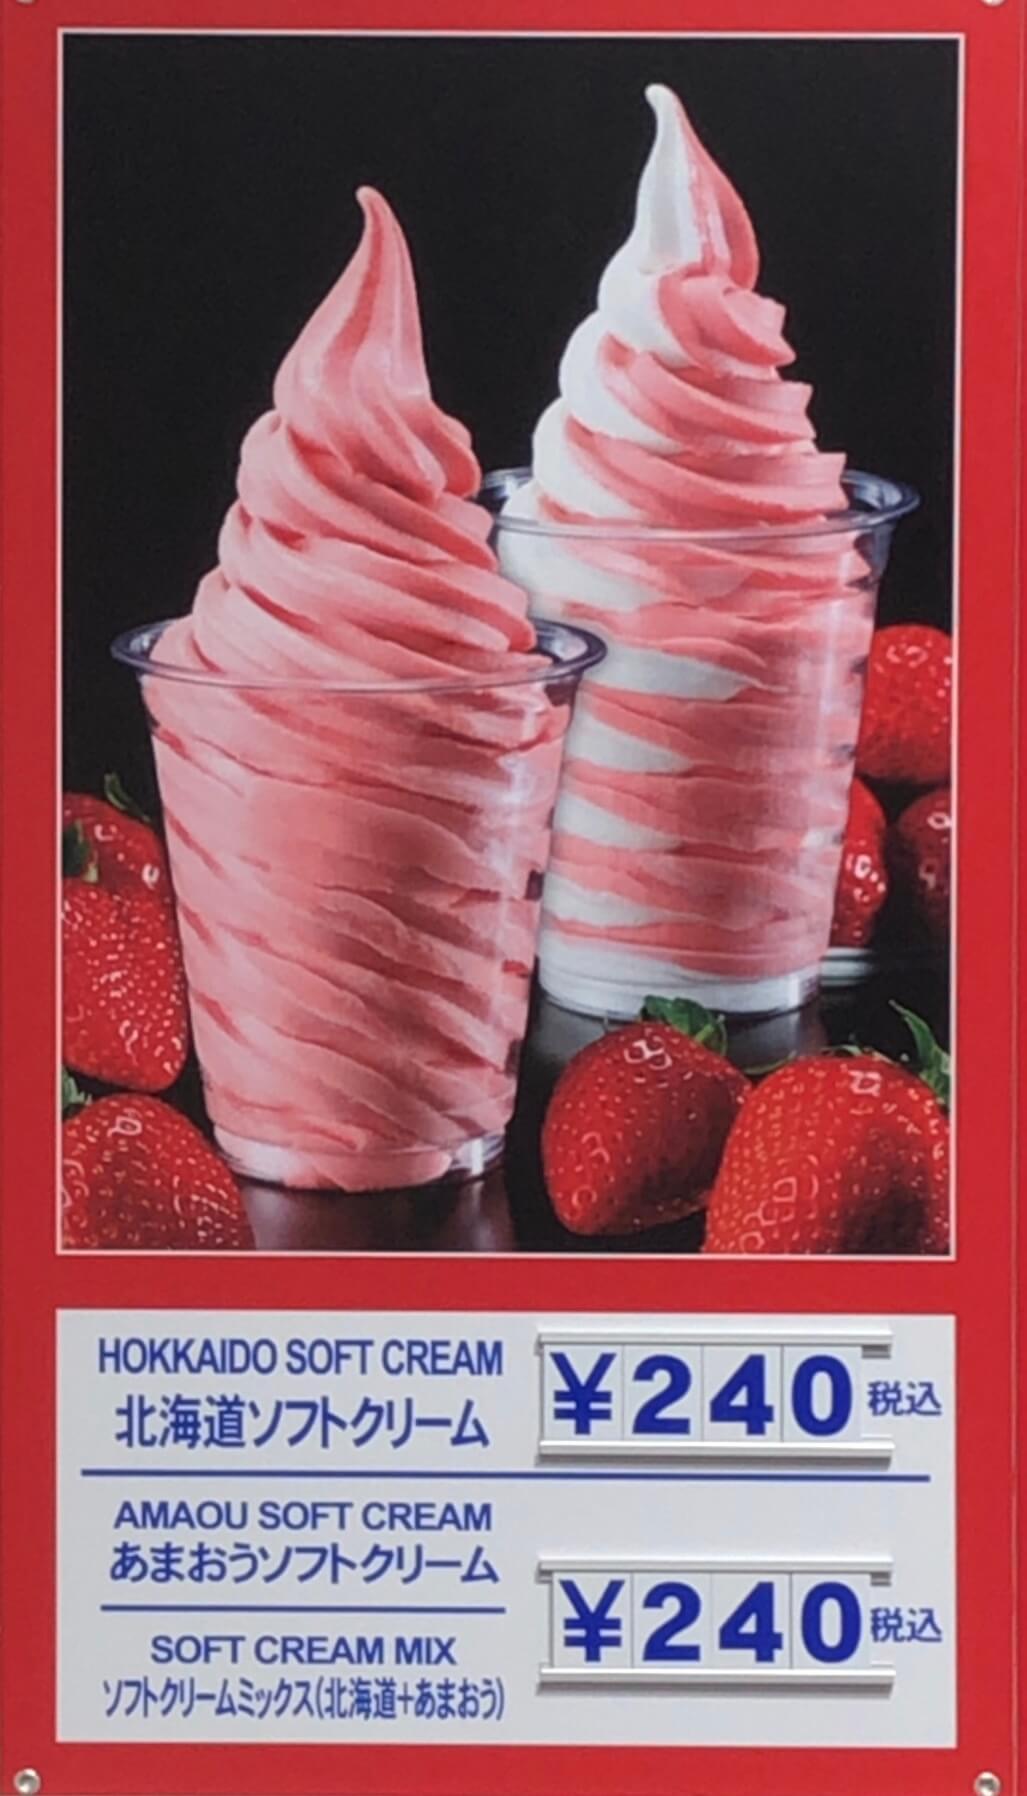 あまおう苺ソフトクリーム